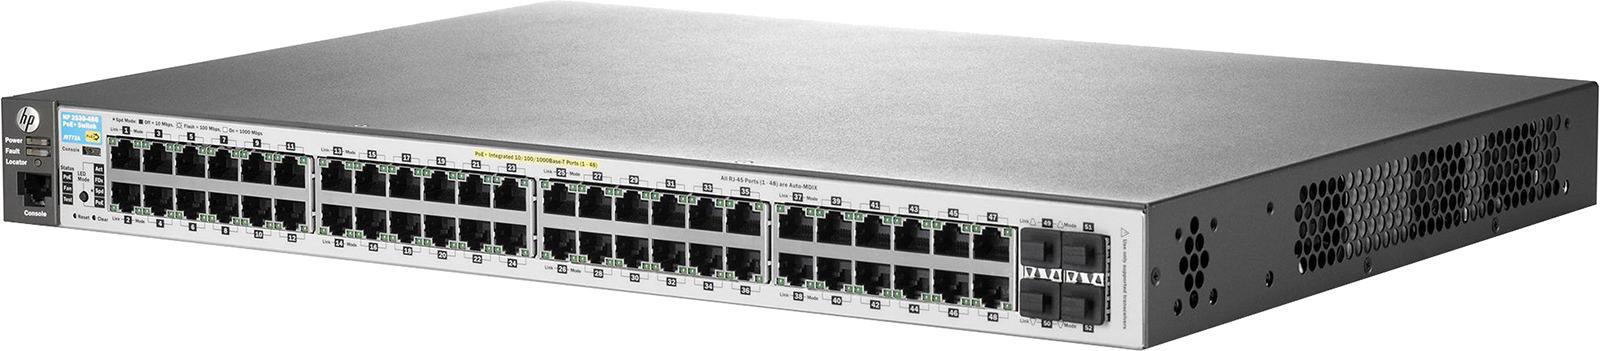 Коммутатор HPE 2530, управляемый, J9772A коммутатор upvel up 215sge 5 портовый гигабитный каскадируемый poe коммутатор 5 портов 10 100 1000 мбит с 4 порта poe каждый poe порт обеспечивае